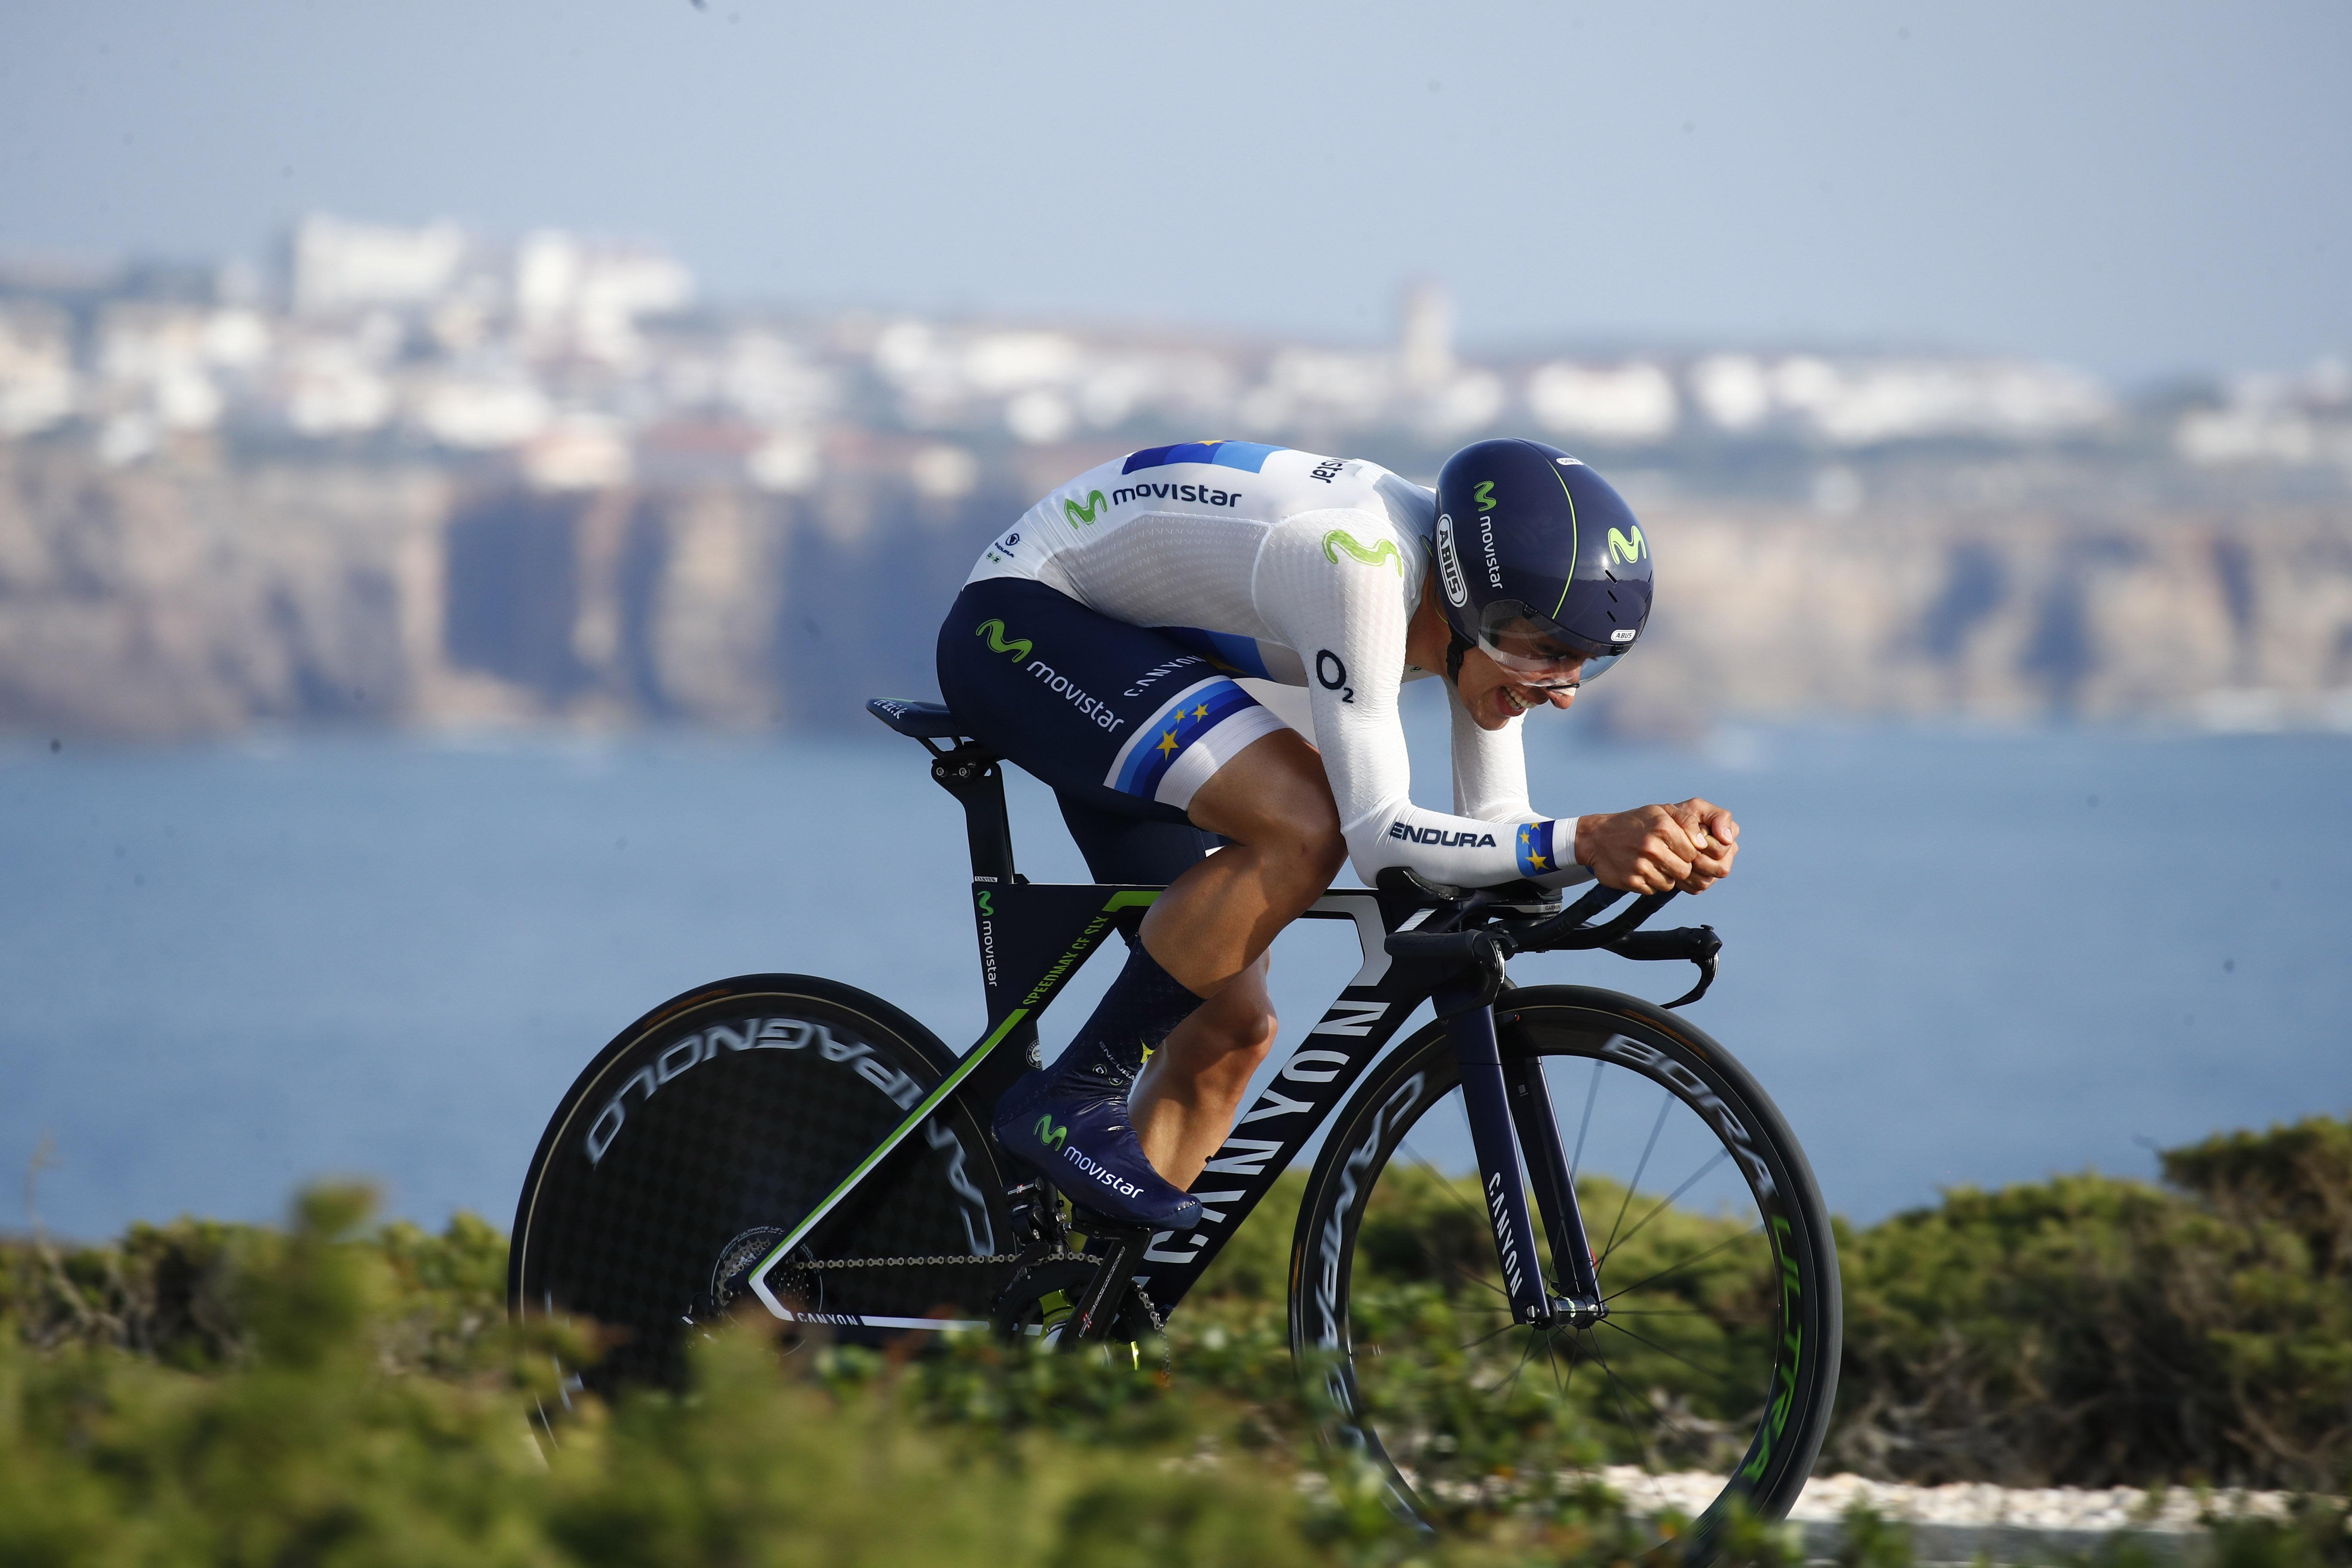 Il campione europeo Jonathan Castroviejo vince la cronometro della Volta ao Algarve (foto BettiniPhoto)